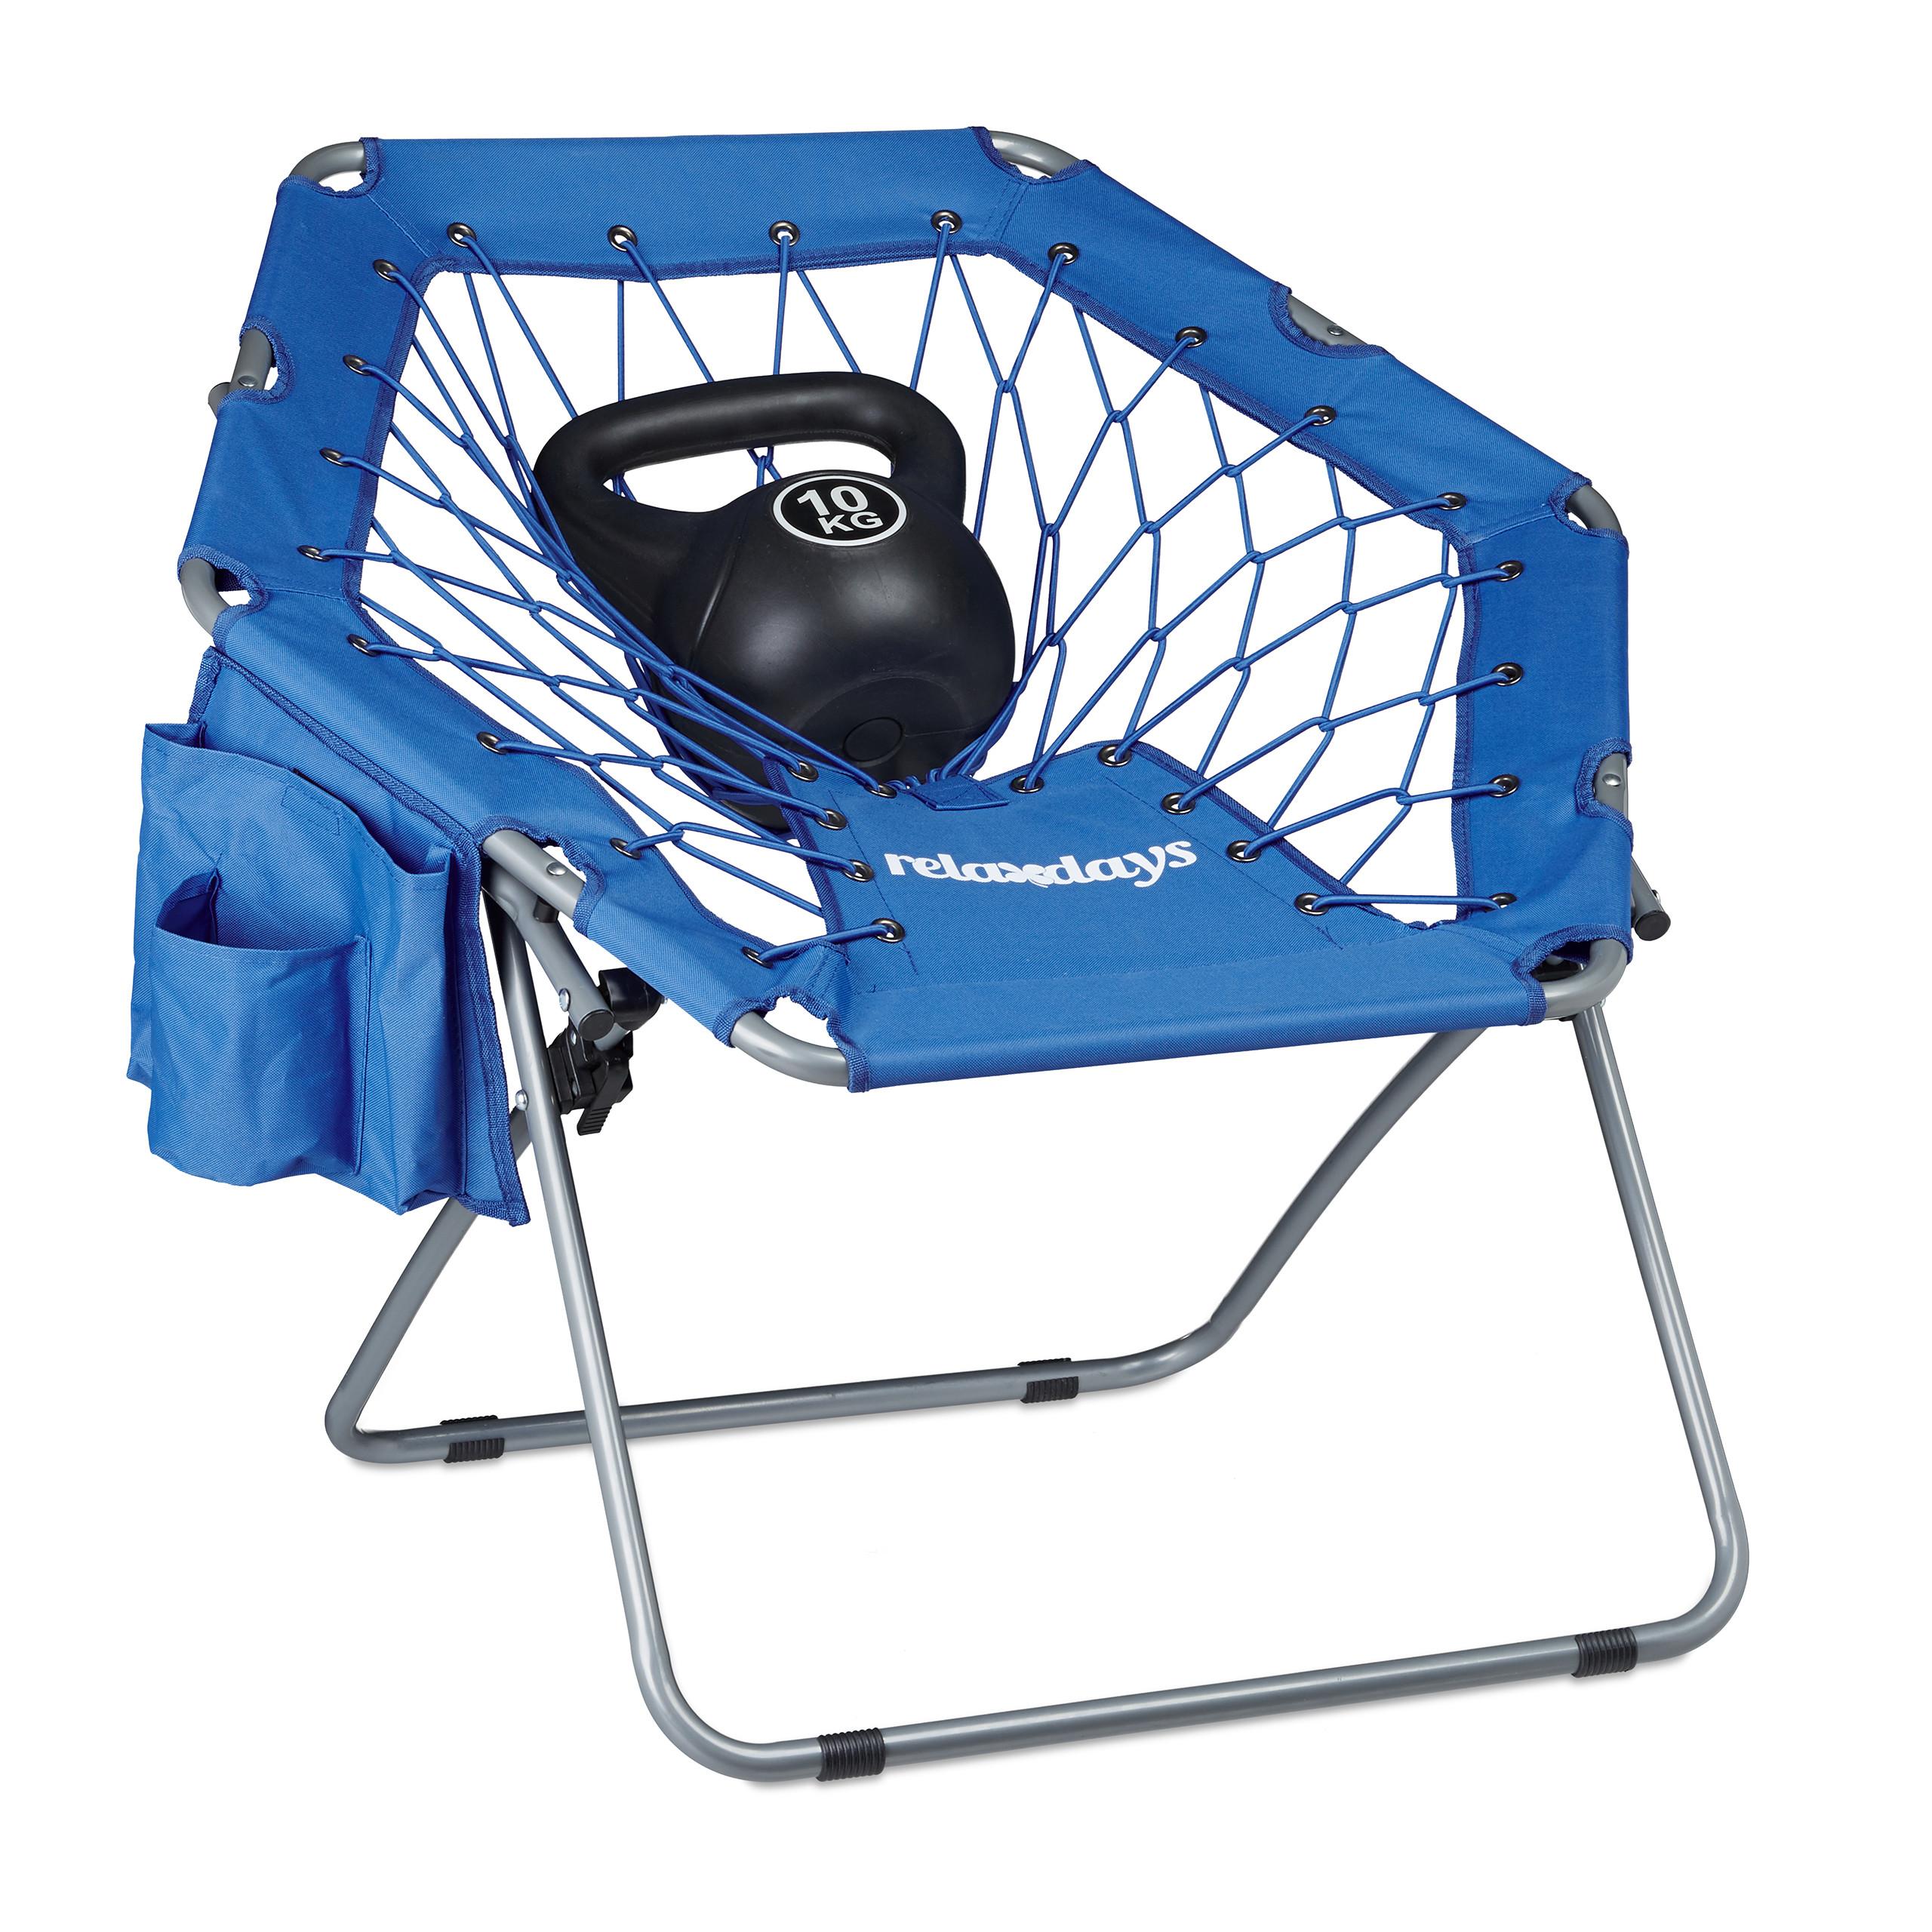 elastische Federung Bungee Chair faltbar Festival Sessel Bungee Stuhl WEBSTER